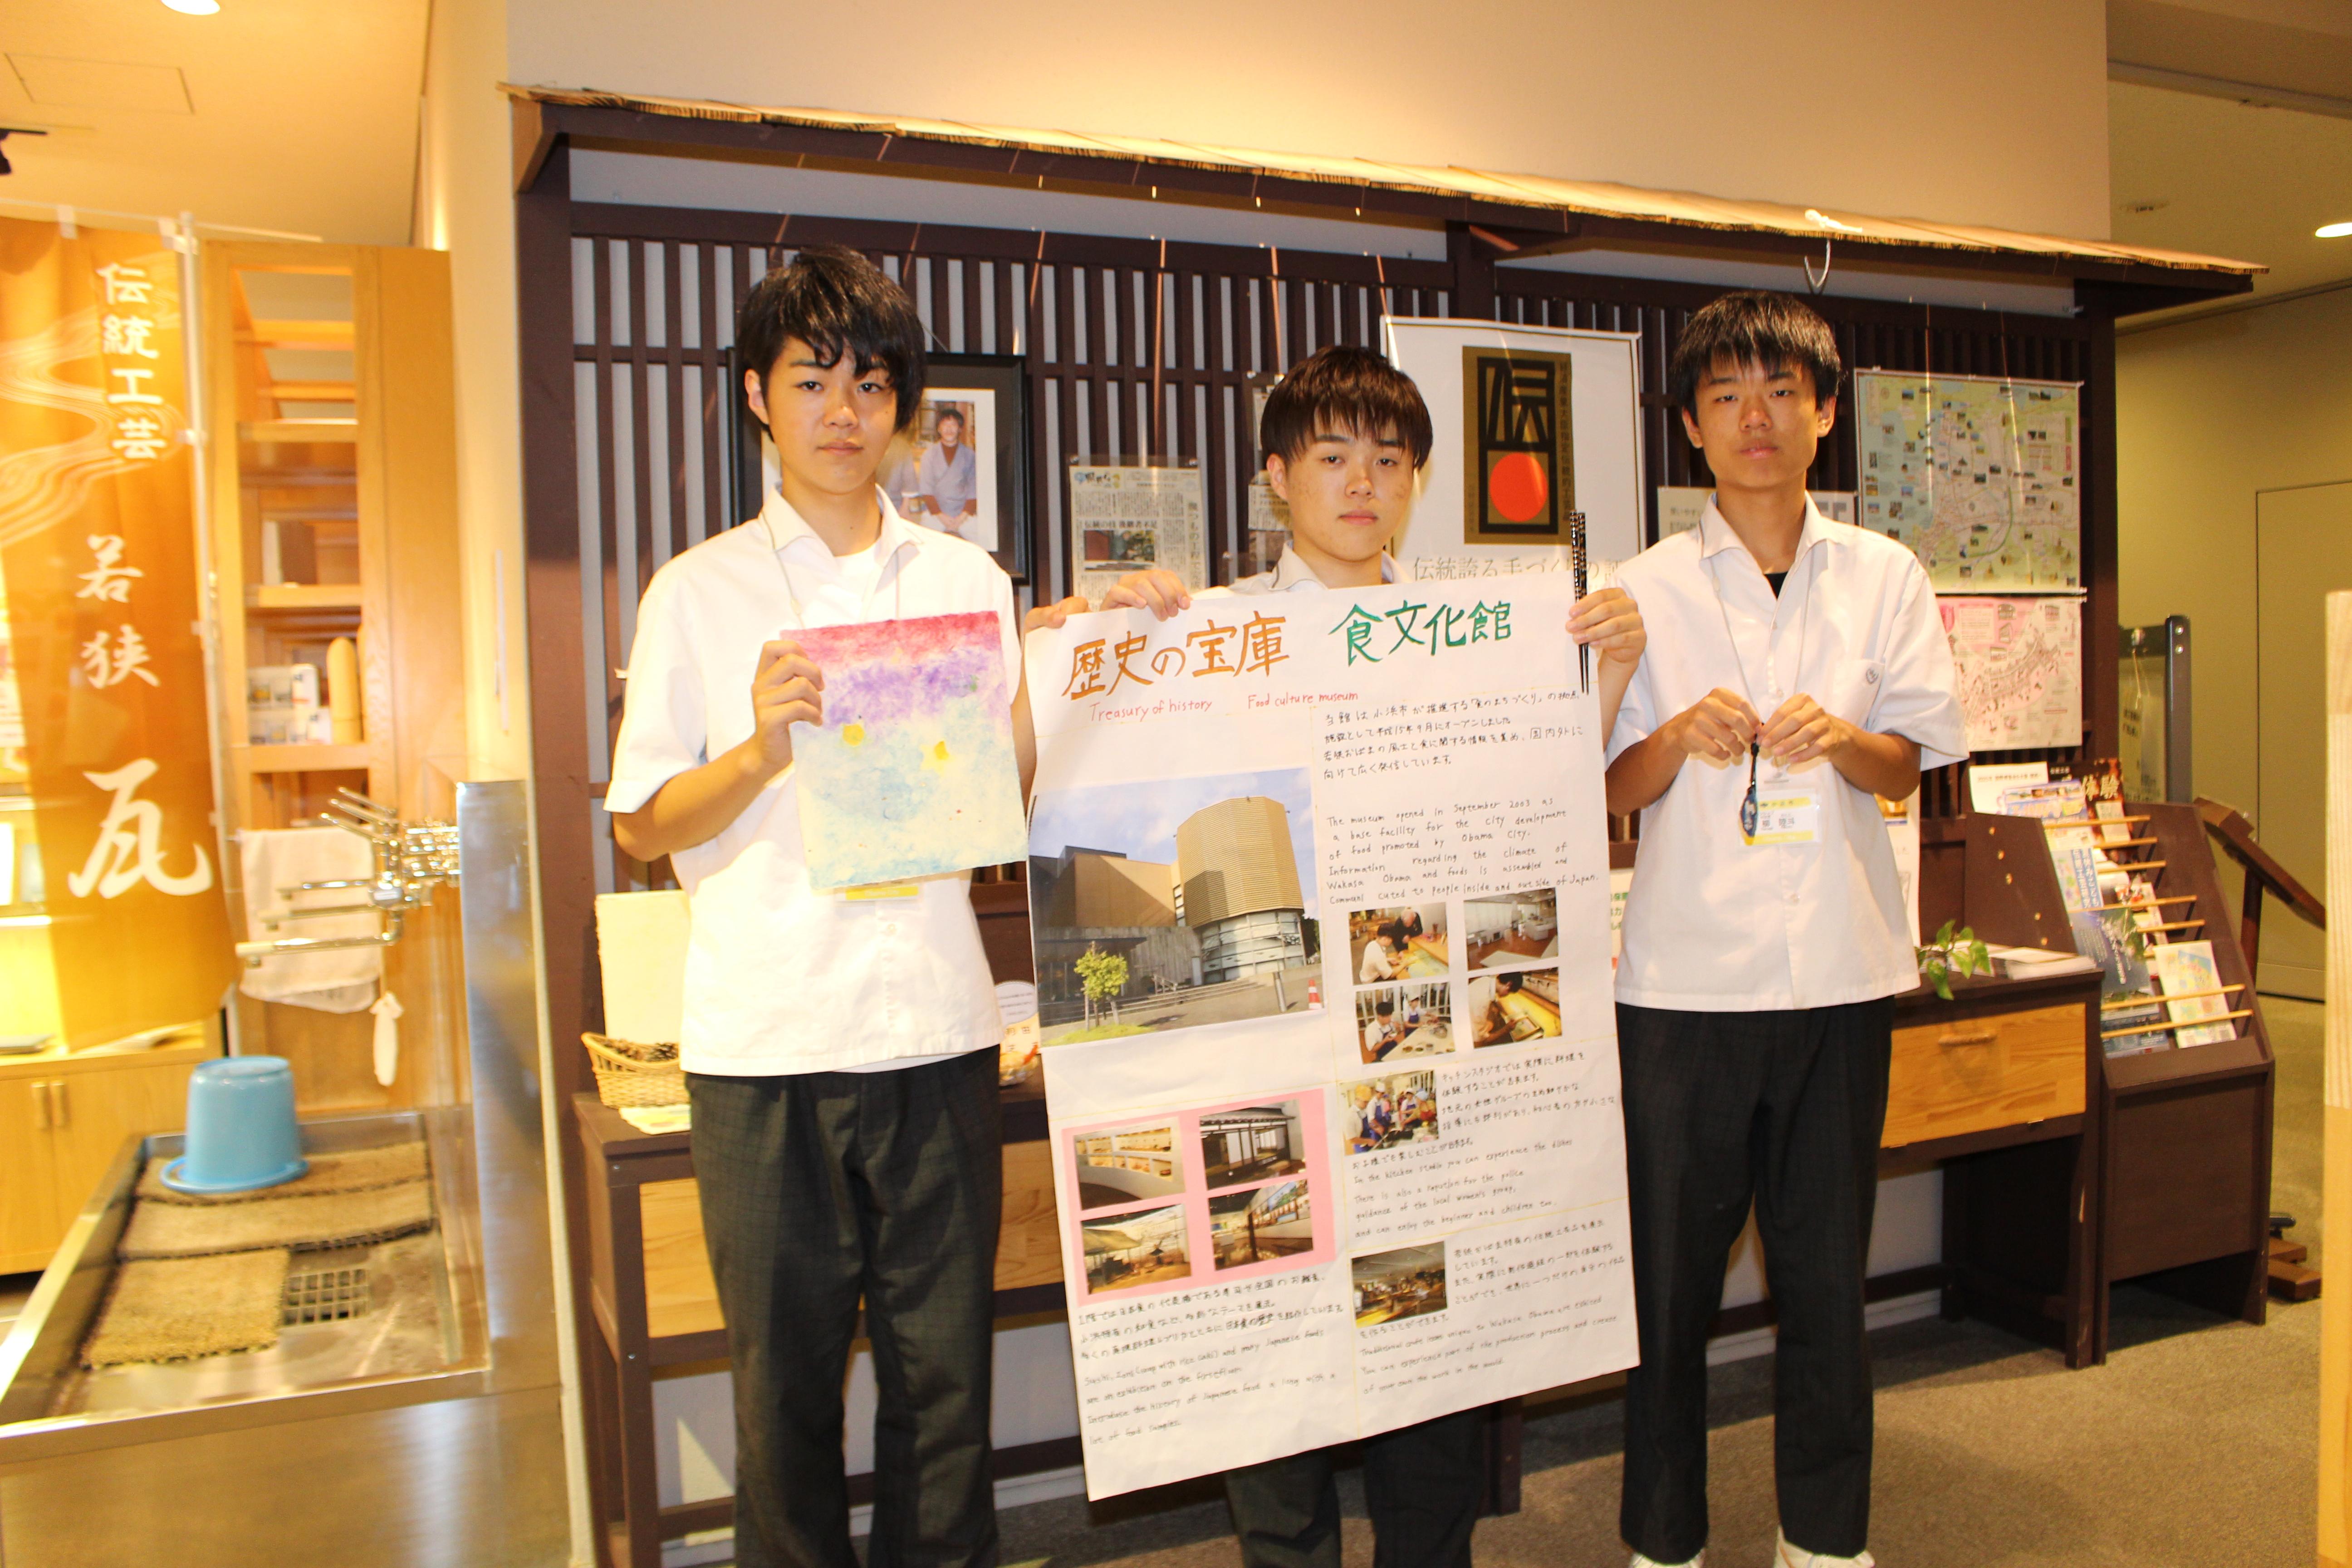 食文化館日記 » 若狭東高生が就業体験を行いました! af6cc81a9d399